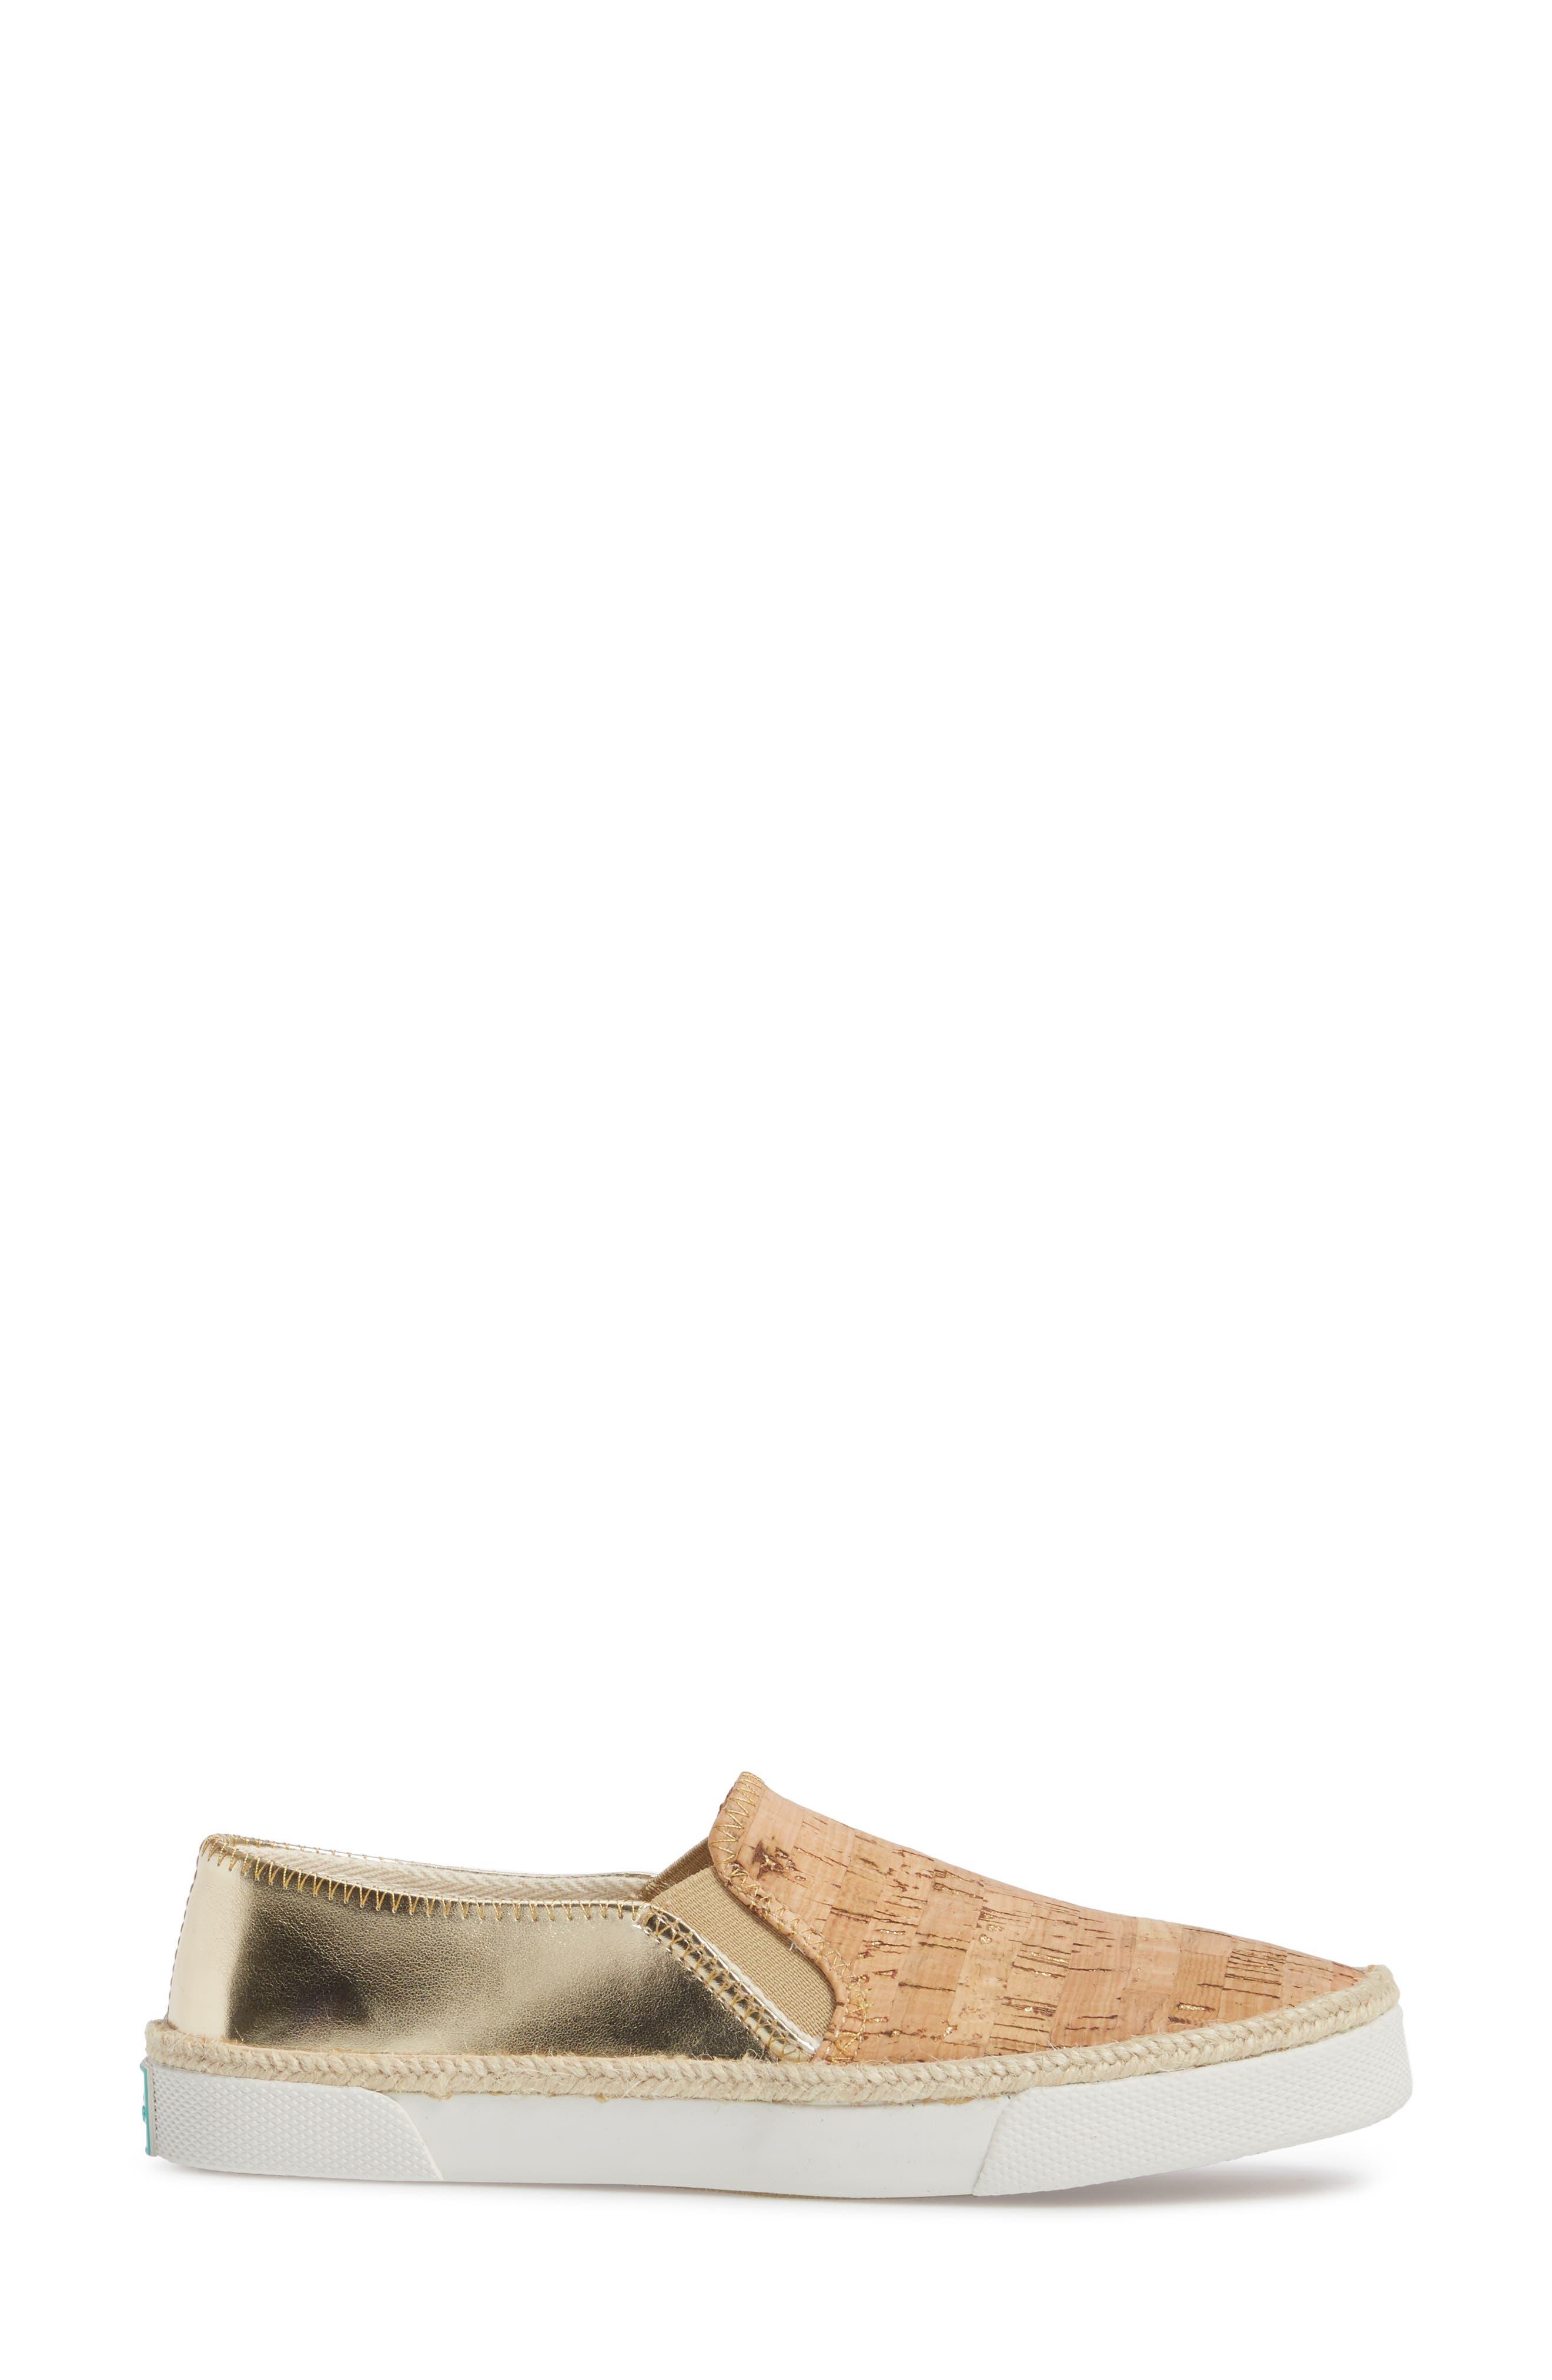 Alternate Image 3  - Jack Rogers Tucker Slip-On Sneaker (Women)